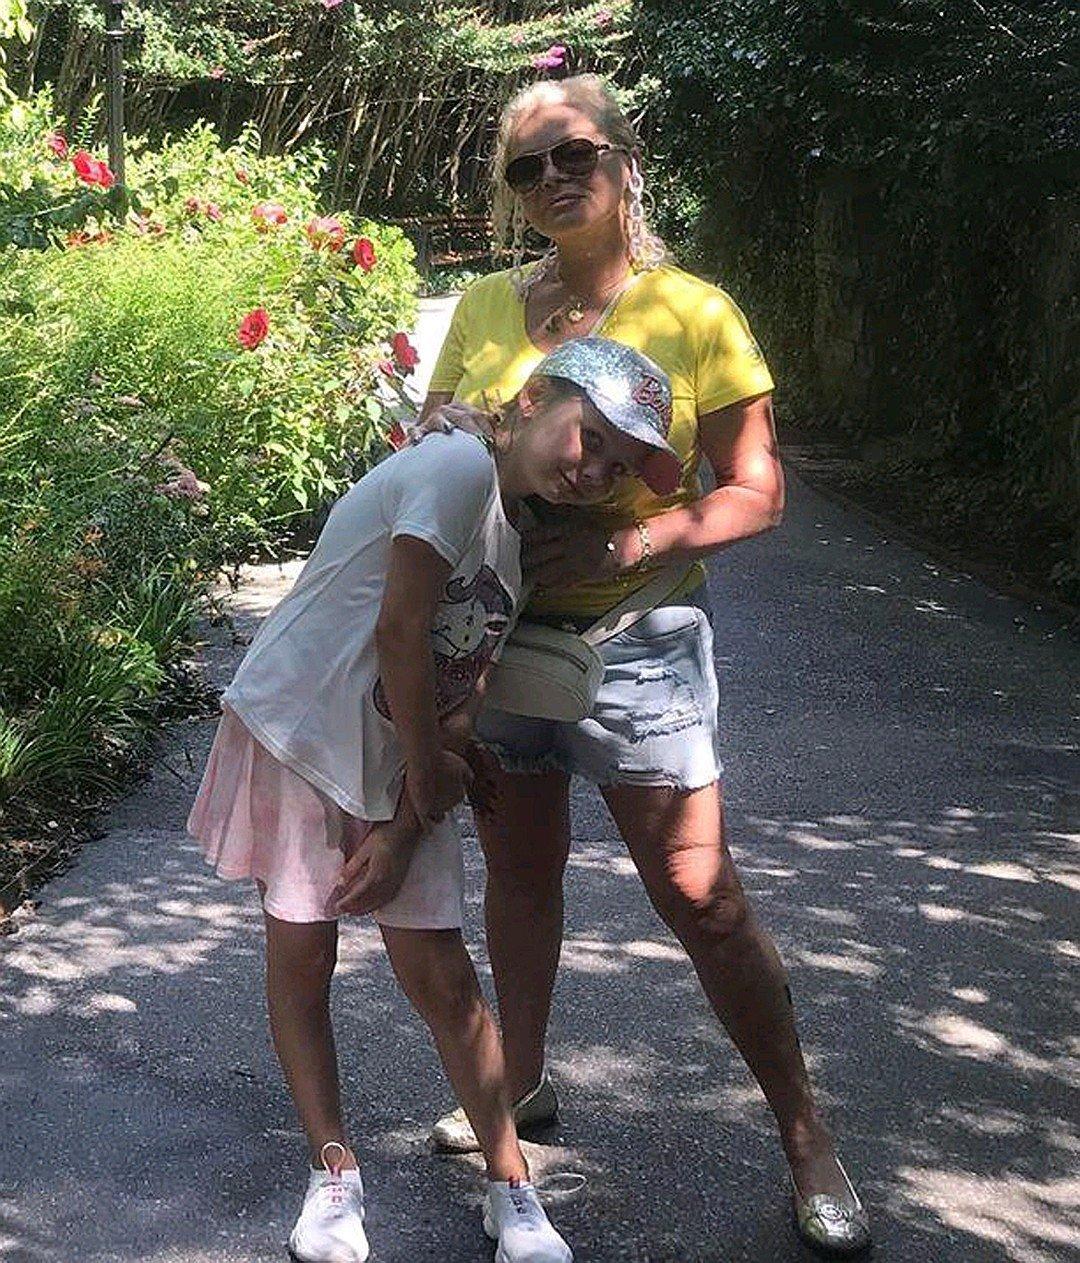 Cтильно, модно, молодежно: Лариса Долина в джинсовых мини-шортах гуляет с семьей